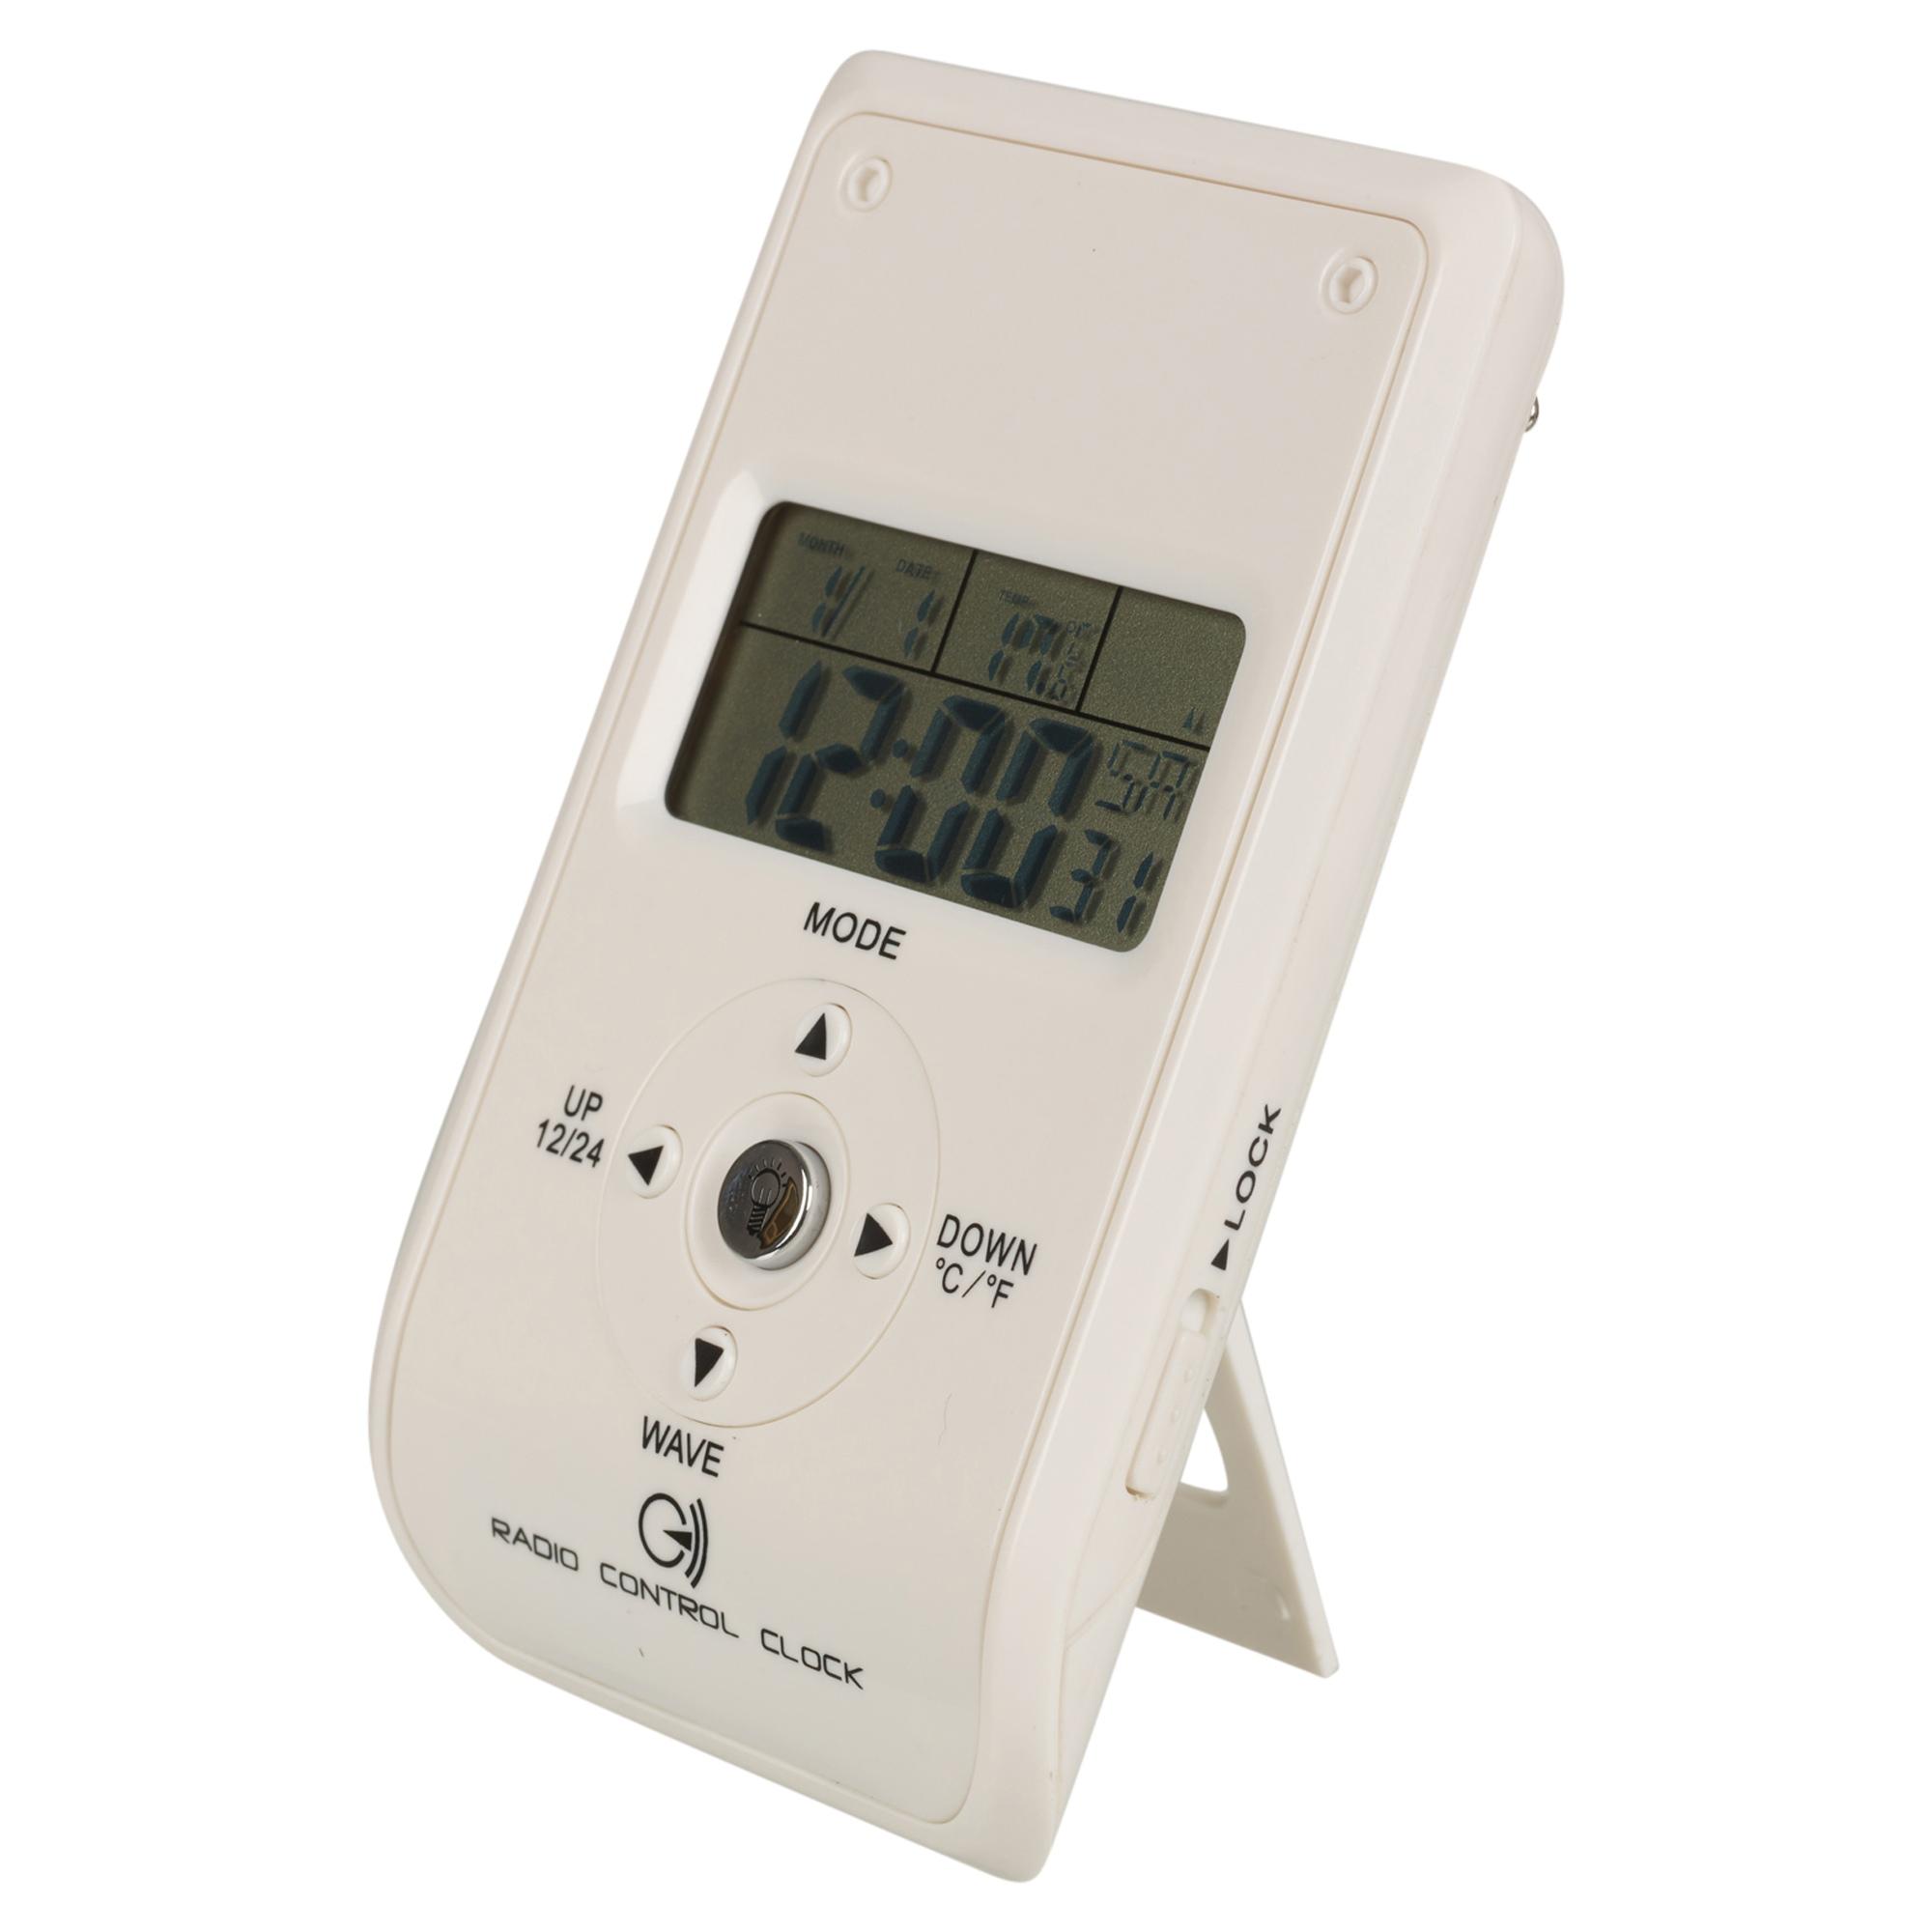 radio controlled white travel bedside digital alarm clock. Black Bedroom Furniture Sets. Home Design Ideas